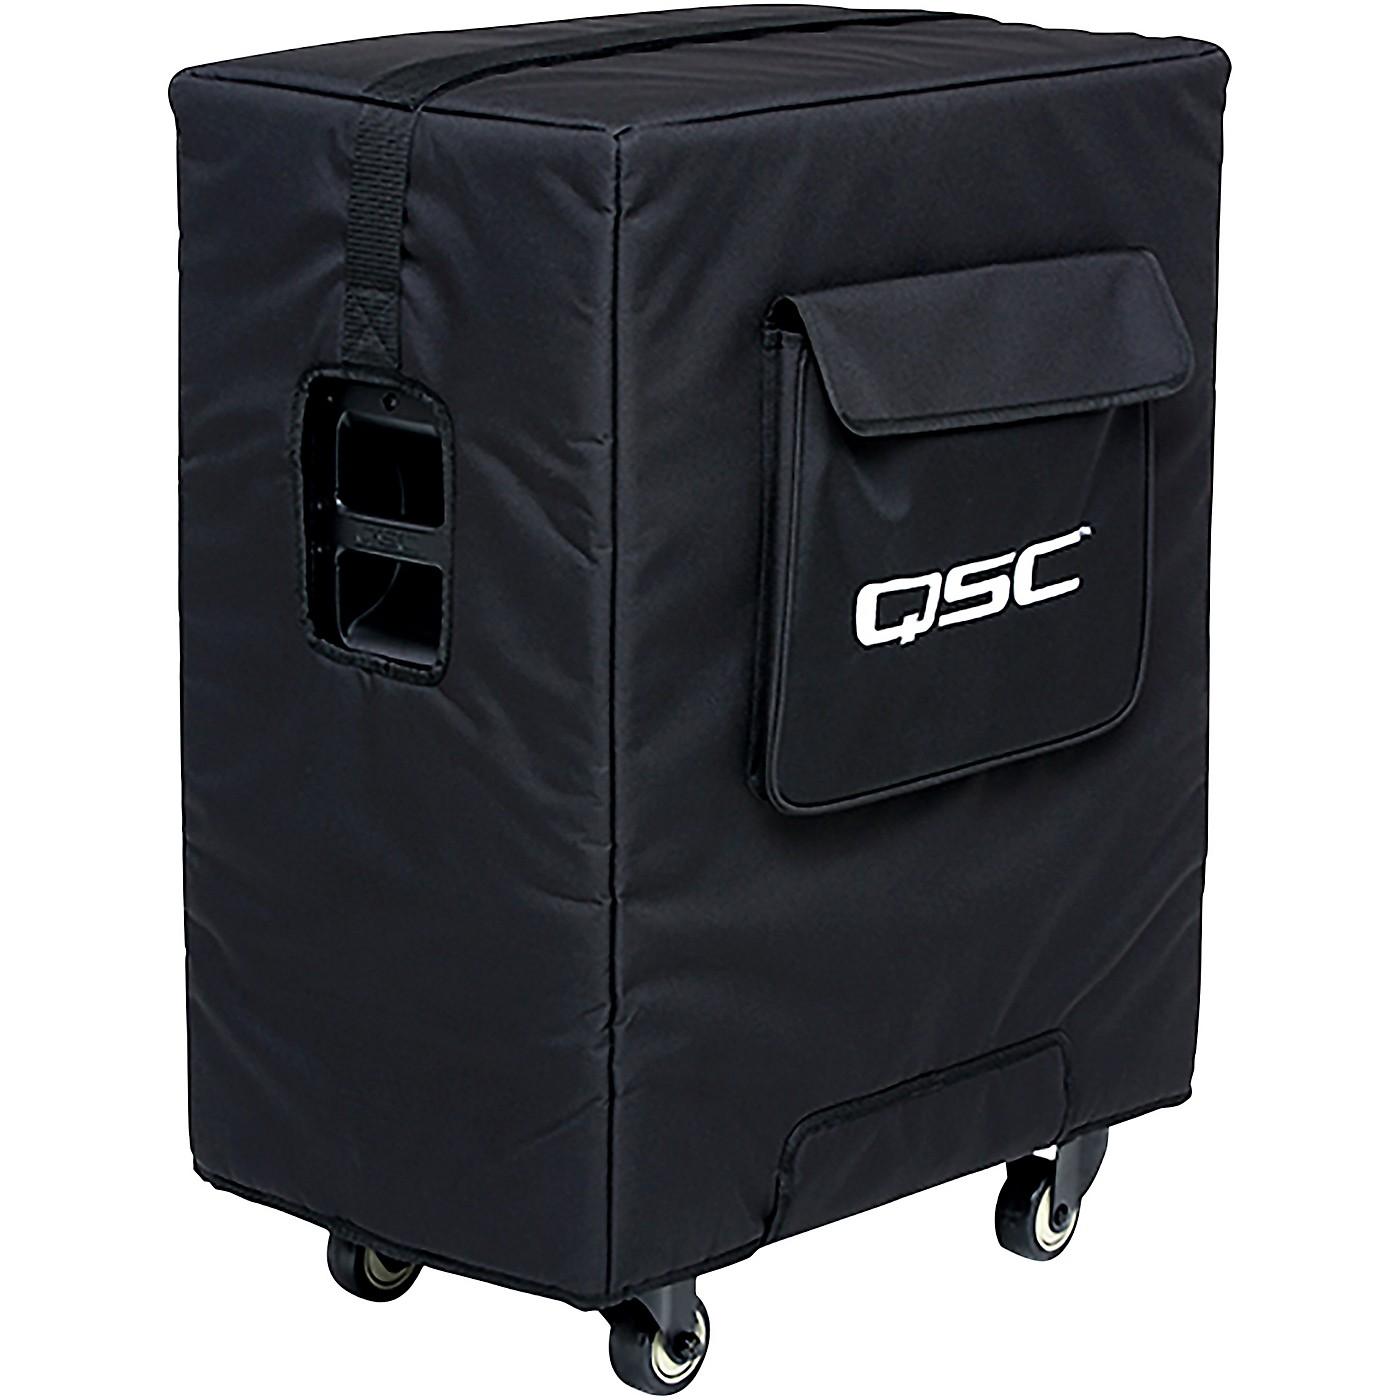 QSC KS212C-CVR Soft Cover for KS212C Subwoofer thumbnail